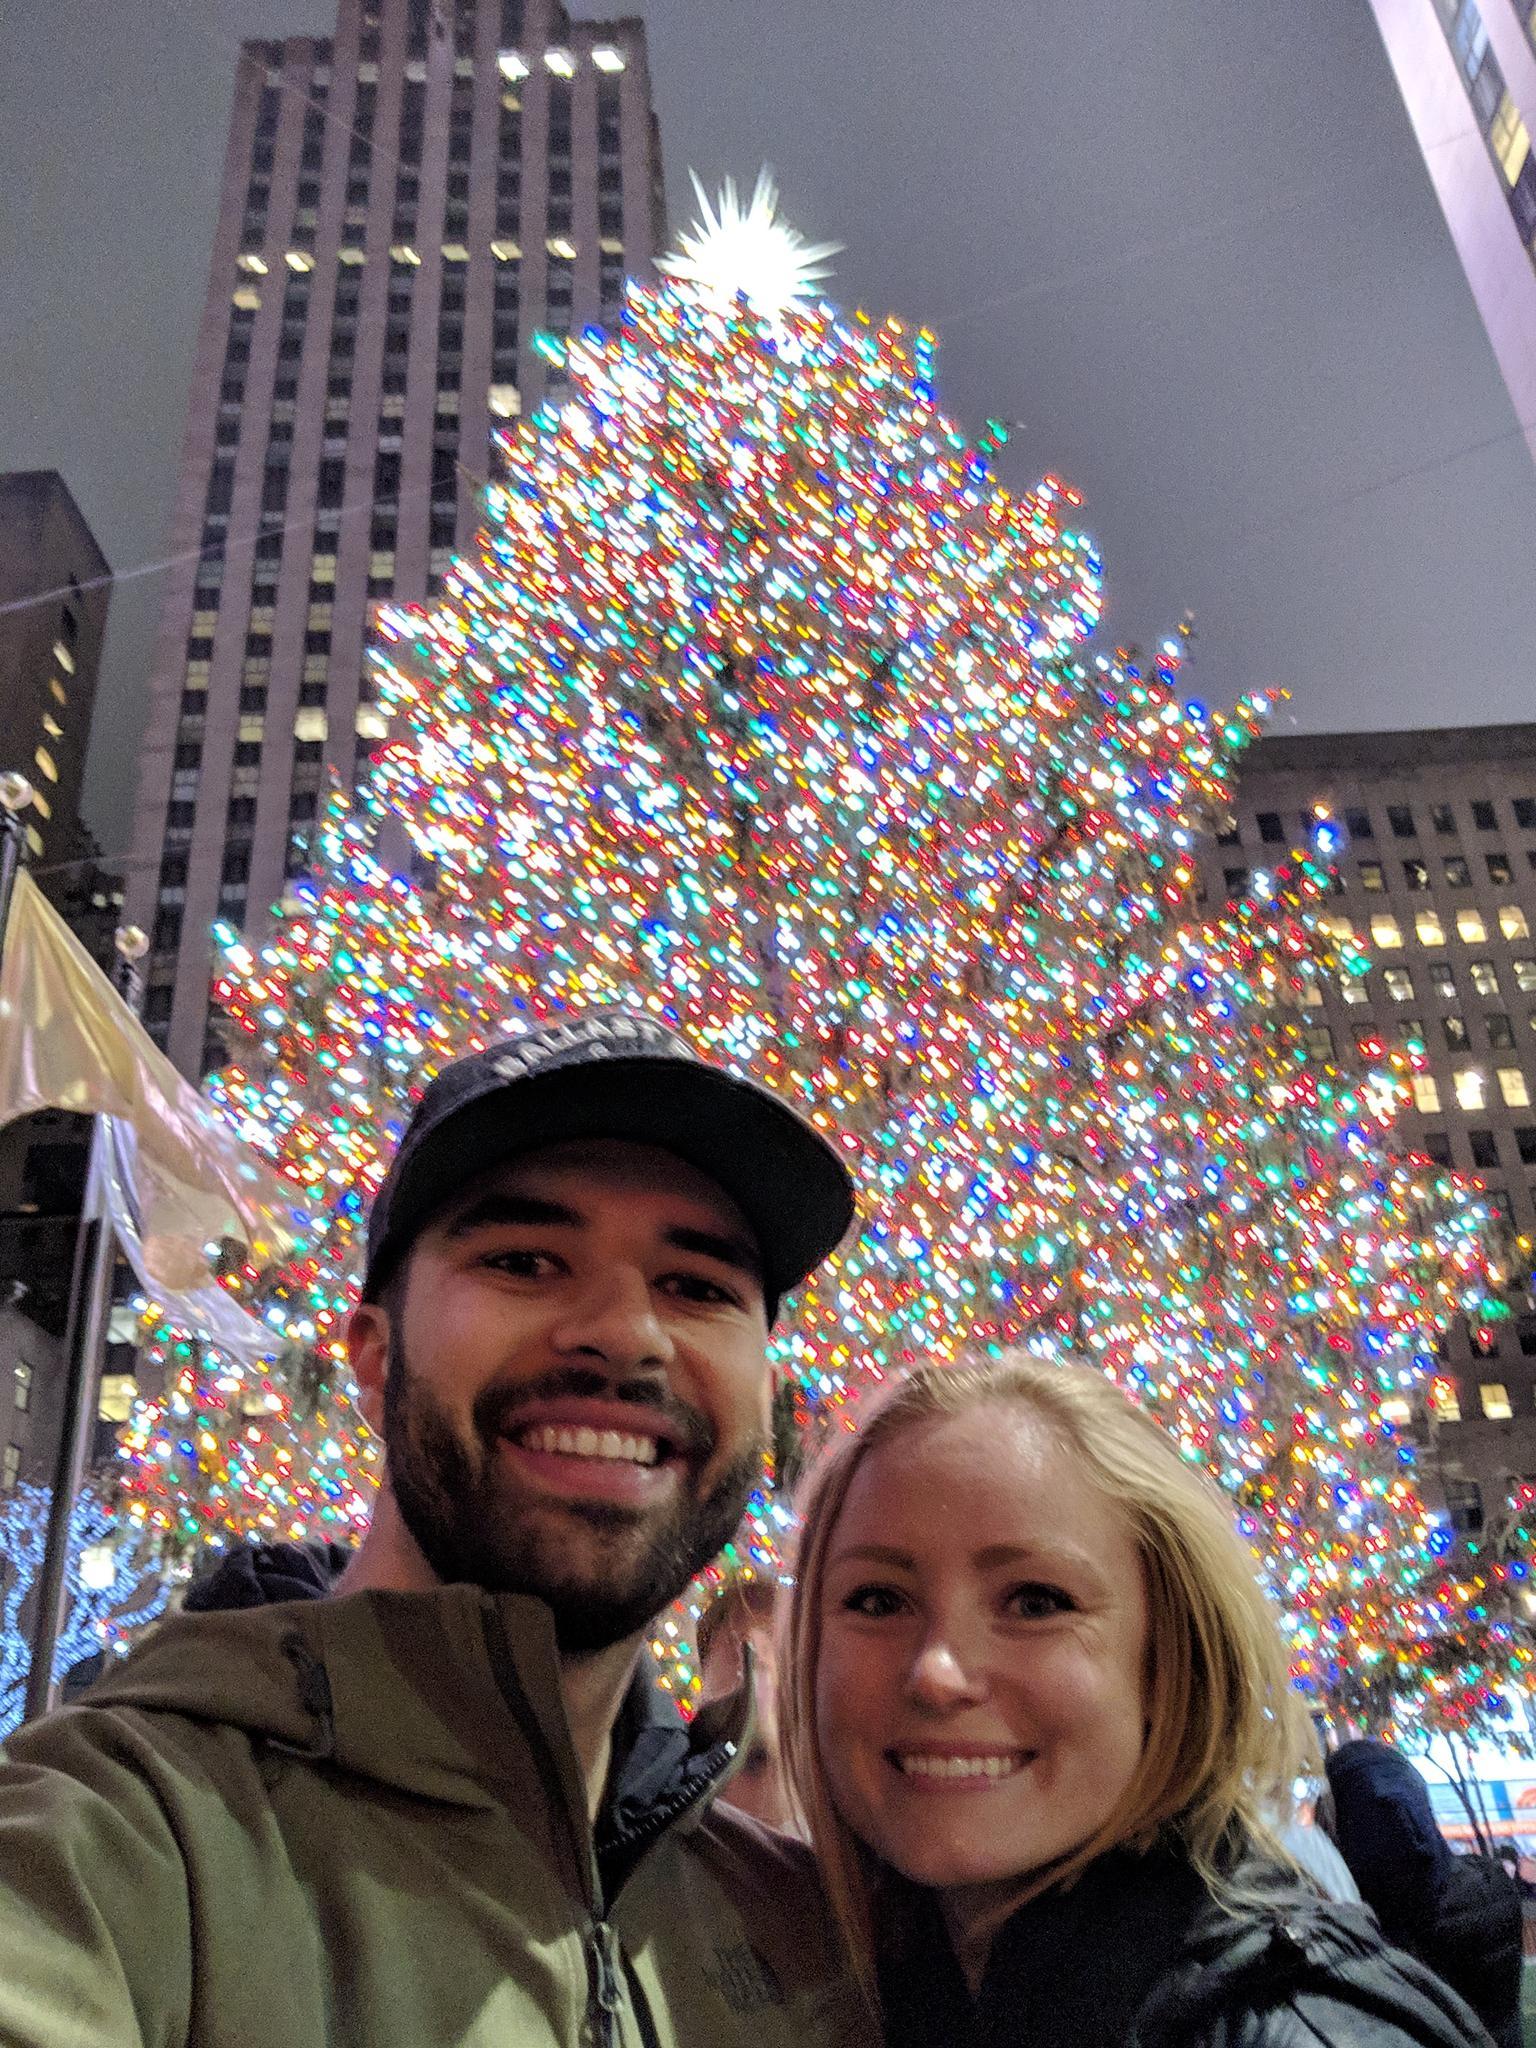 Rockefeller Center - New York, NY